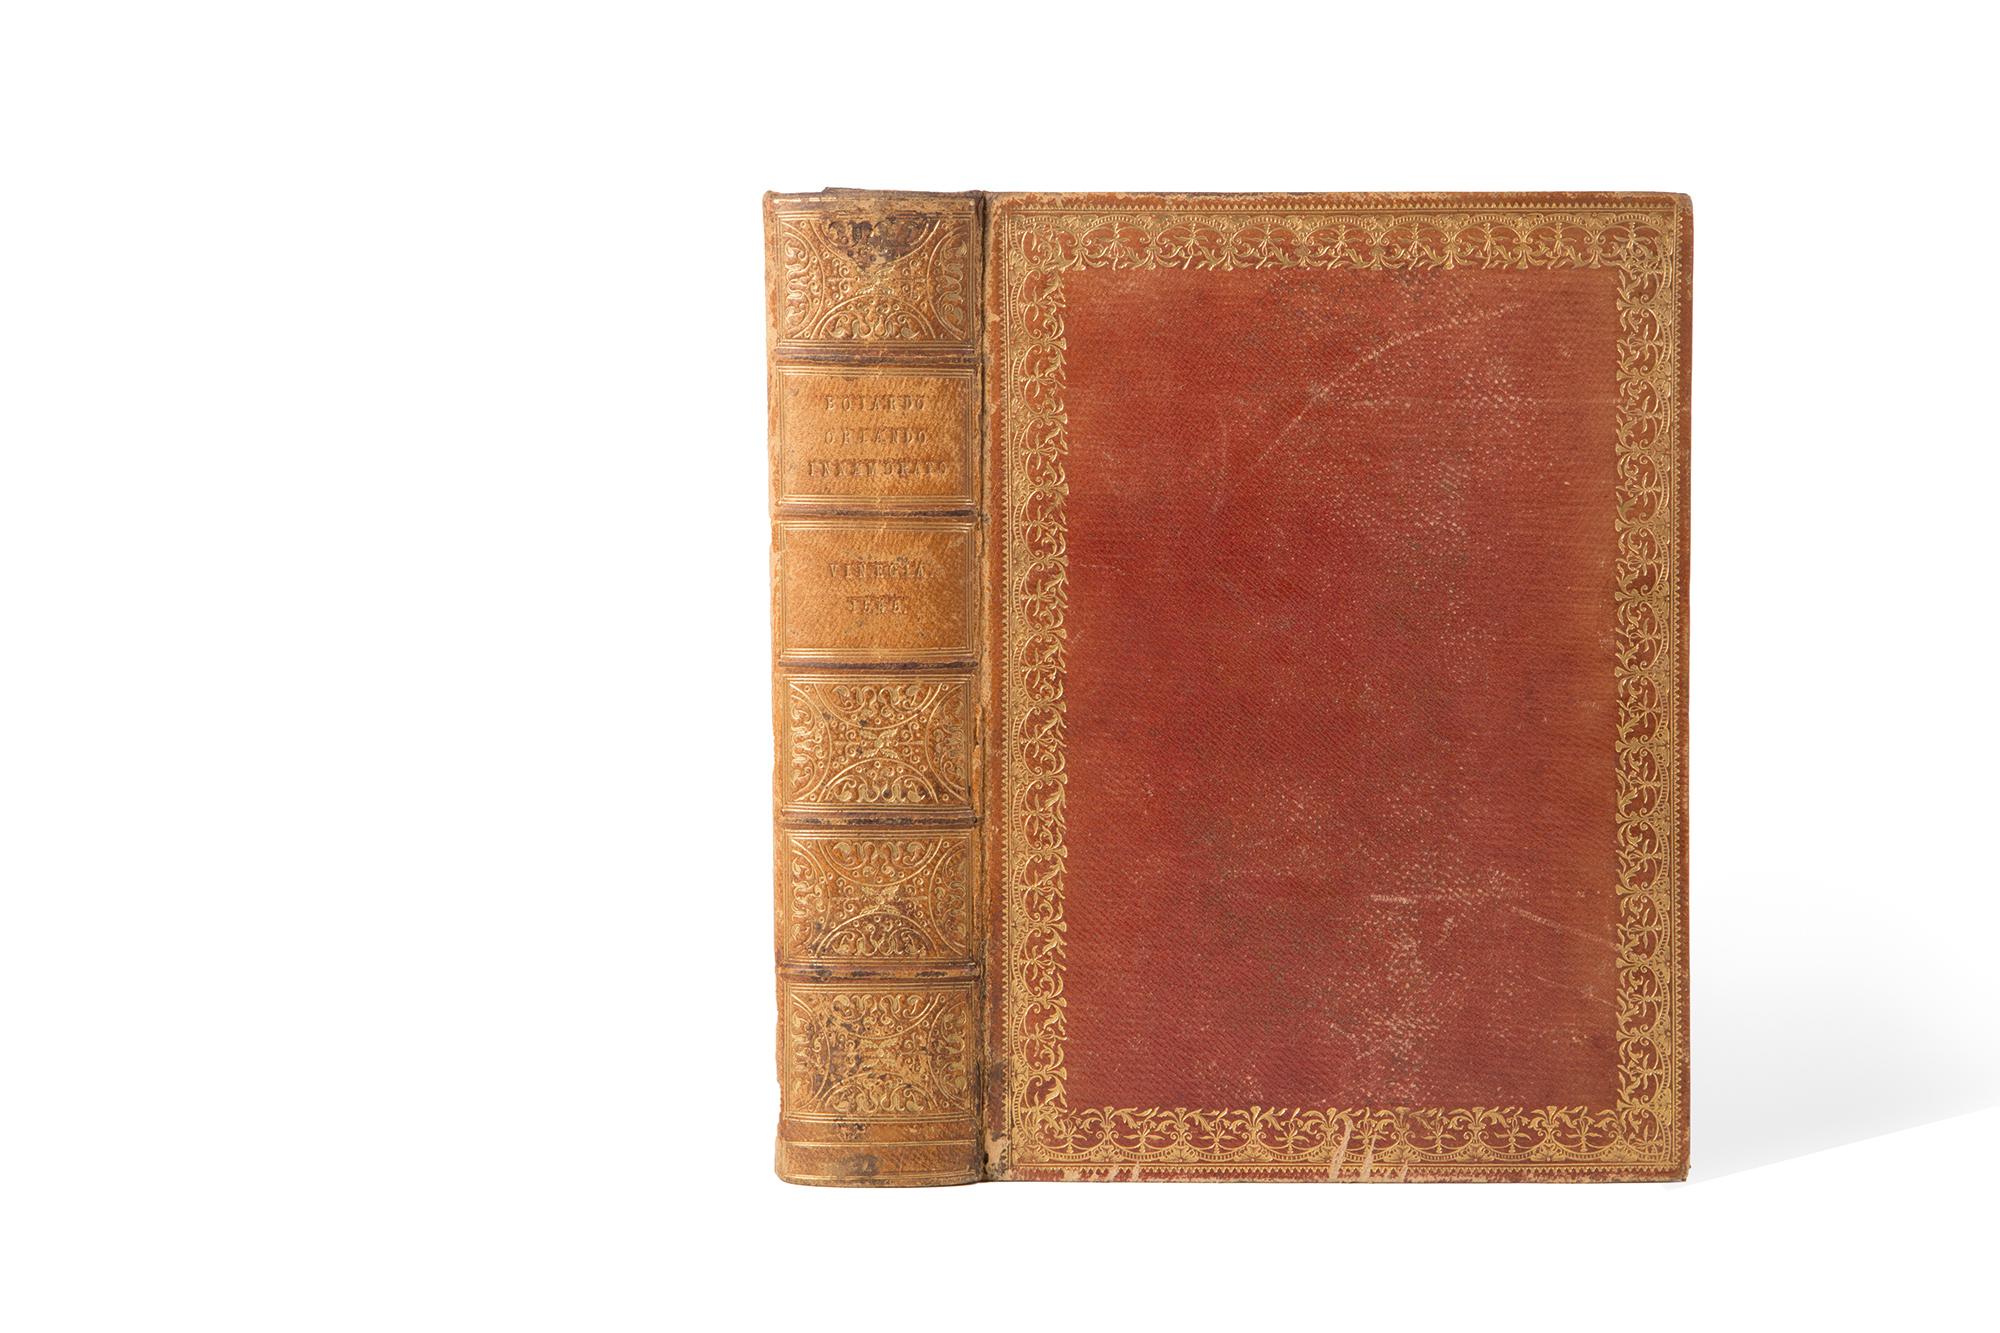 Orlando innamorato del signor Matteo Maria Boiardo conte di Scandiano insieme co i tre libri di Nicolo de gli Agostini, nuouamente riformato per Lodouico Domenichi, con gli argomenti, le figure accomodate al principio d'ogni canto, & la tauola di cio, che nell'opra si contiene